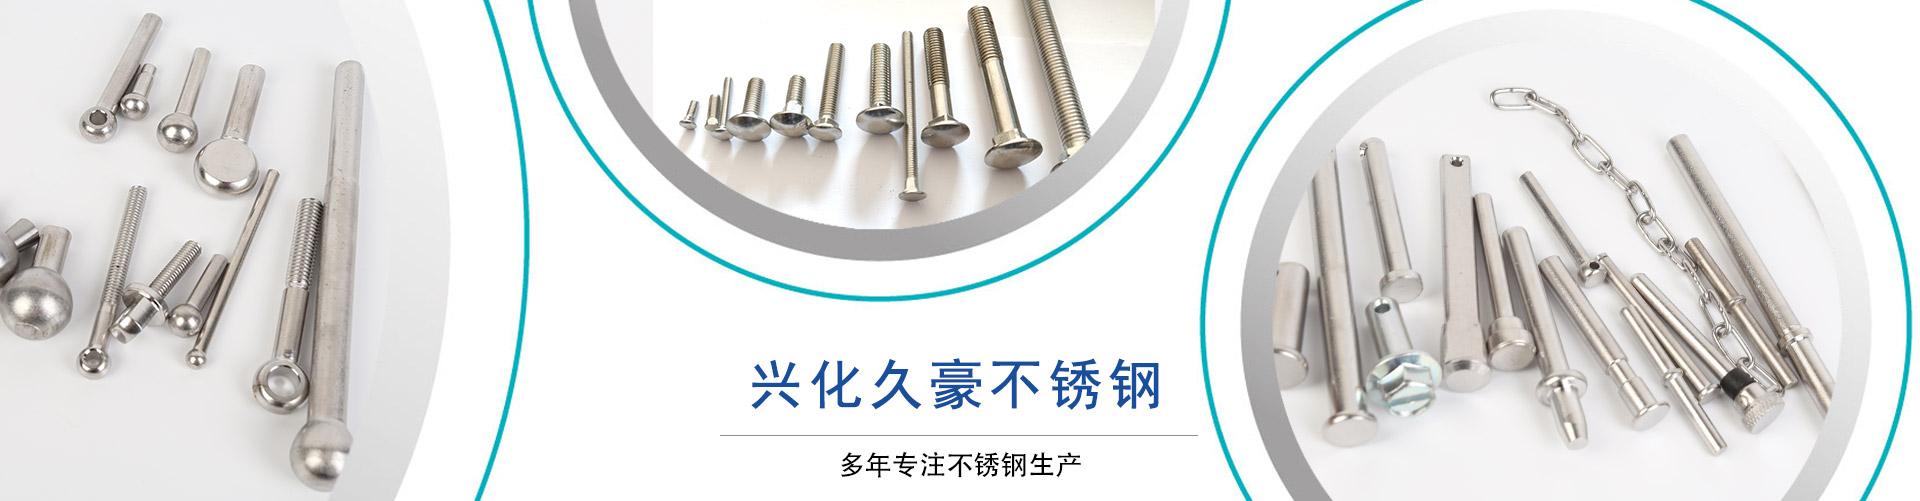 兴化市久豪不锈钢制品有限公司